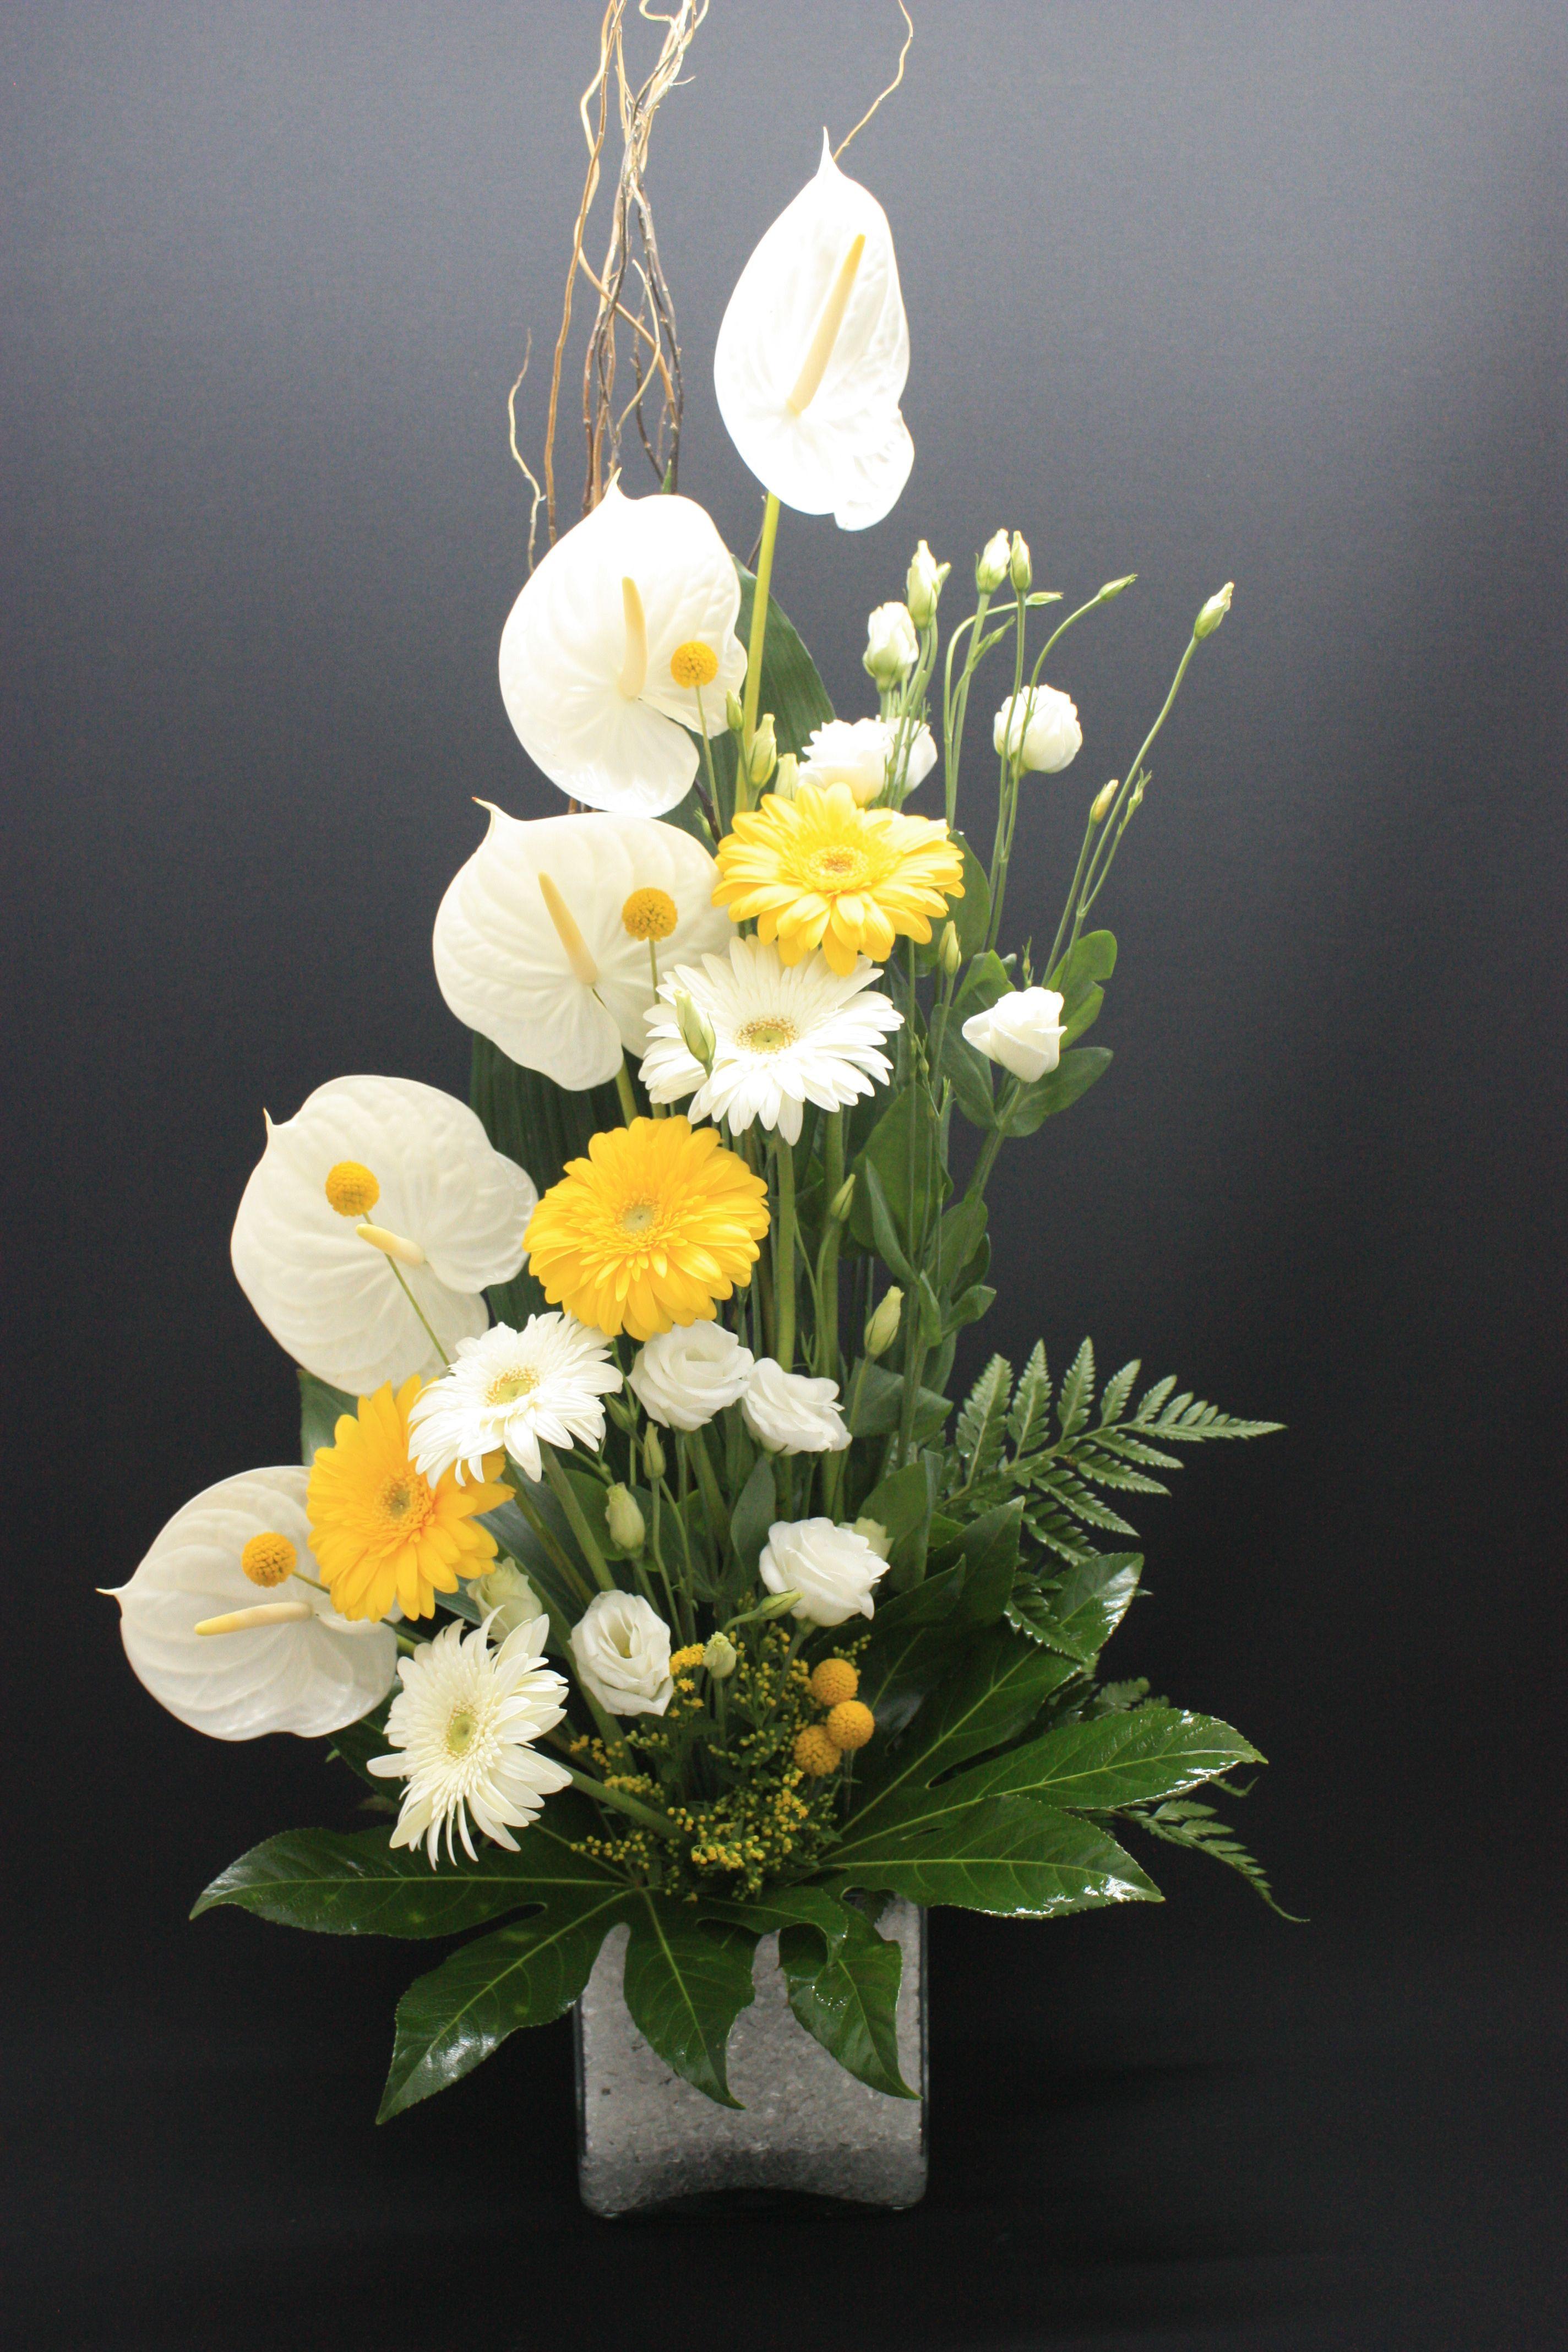 Centros Florales Modernos Resultado De Imagen Para Arreglos - Centros-florales-modernos